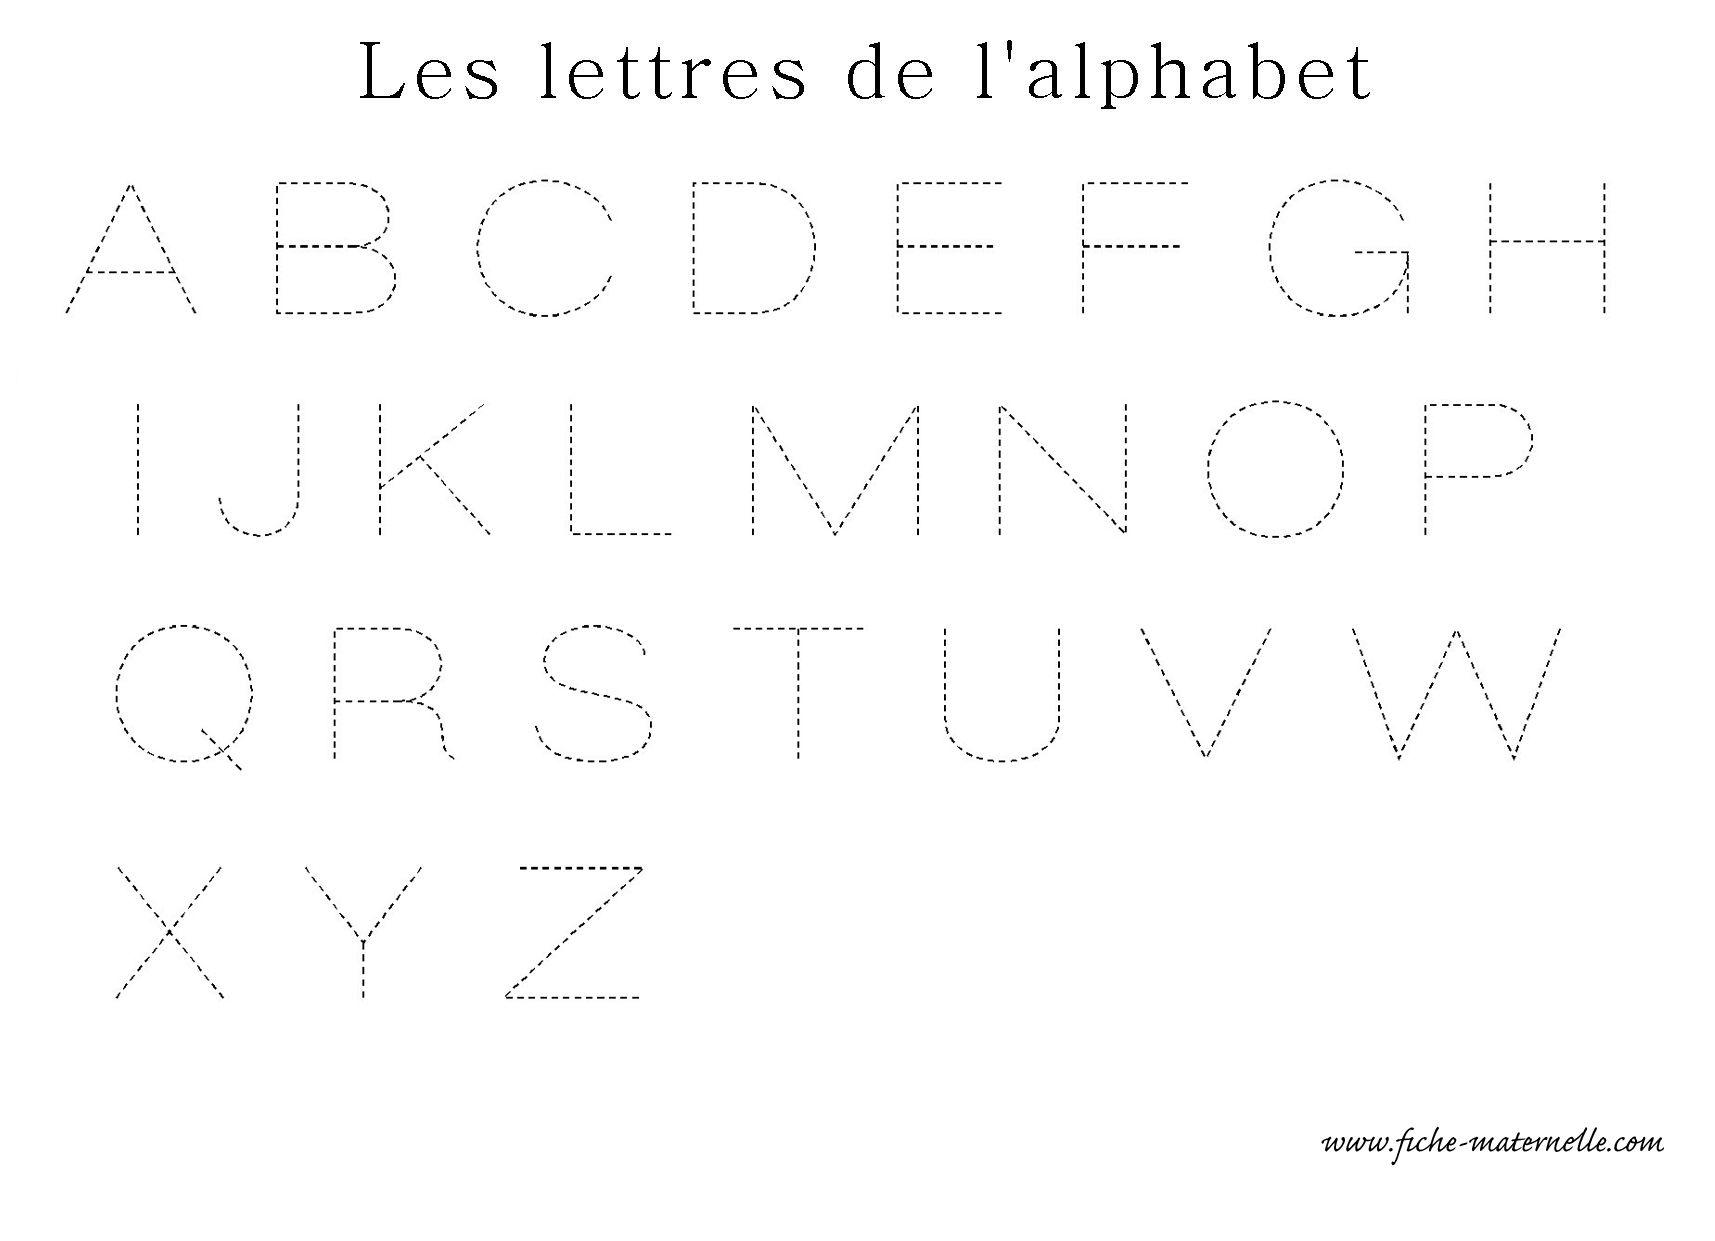 Apprendre A Ecrire Les Lettres De L Alphabet En Ecriture Capitale Apprendre L Alphabet Alphabet Maternelle Lettre A